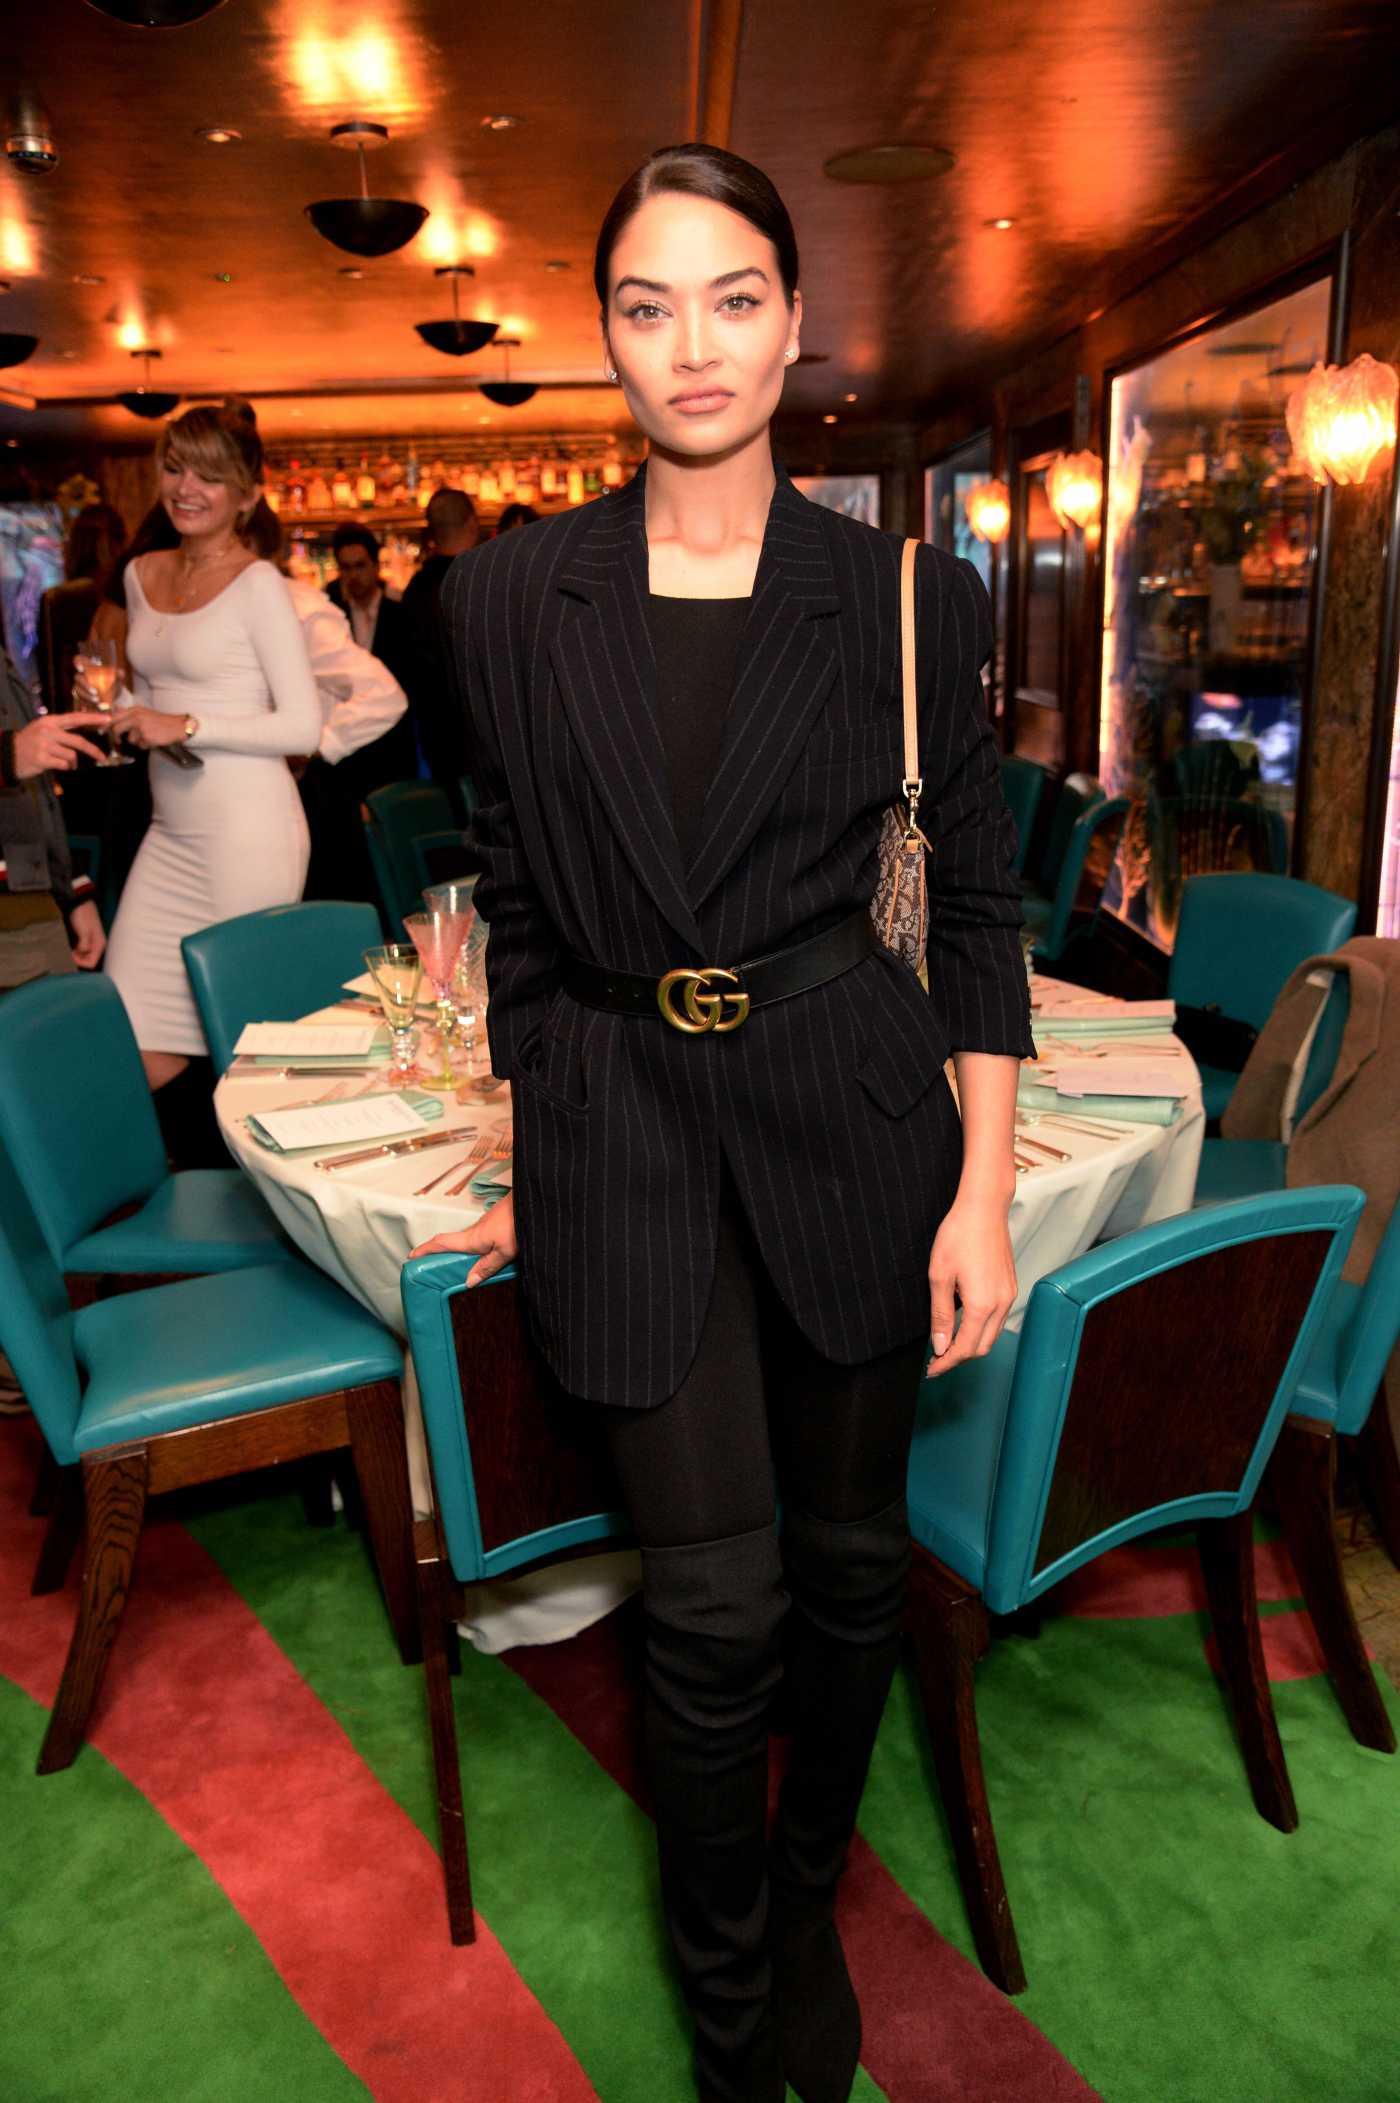 Shanina Shaik Attends the Natalia Vodianova x Maxx Resorts Party in London 02/17/2020